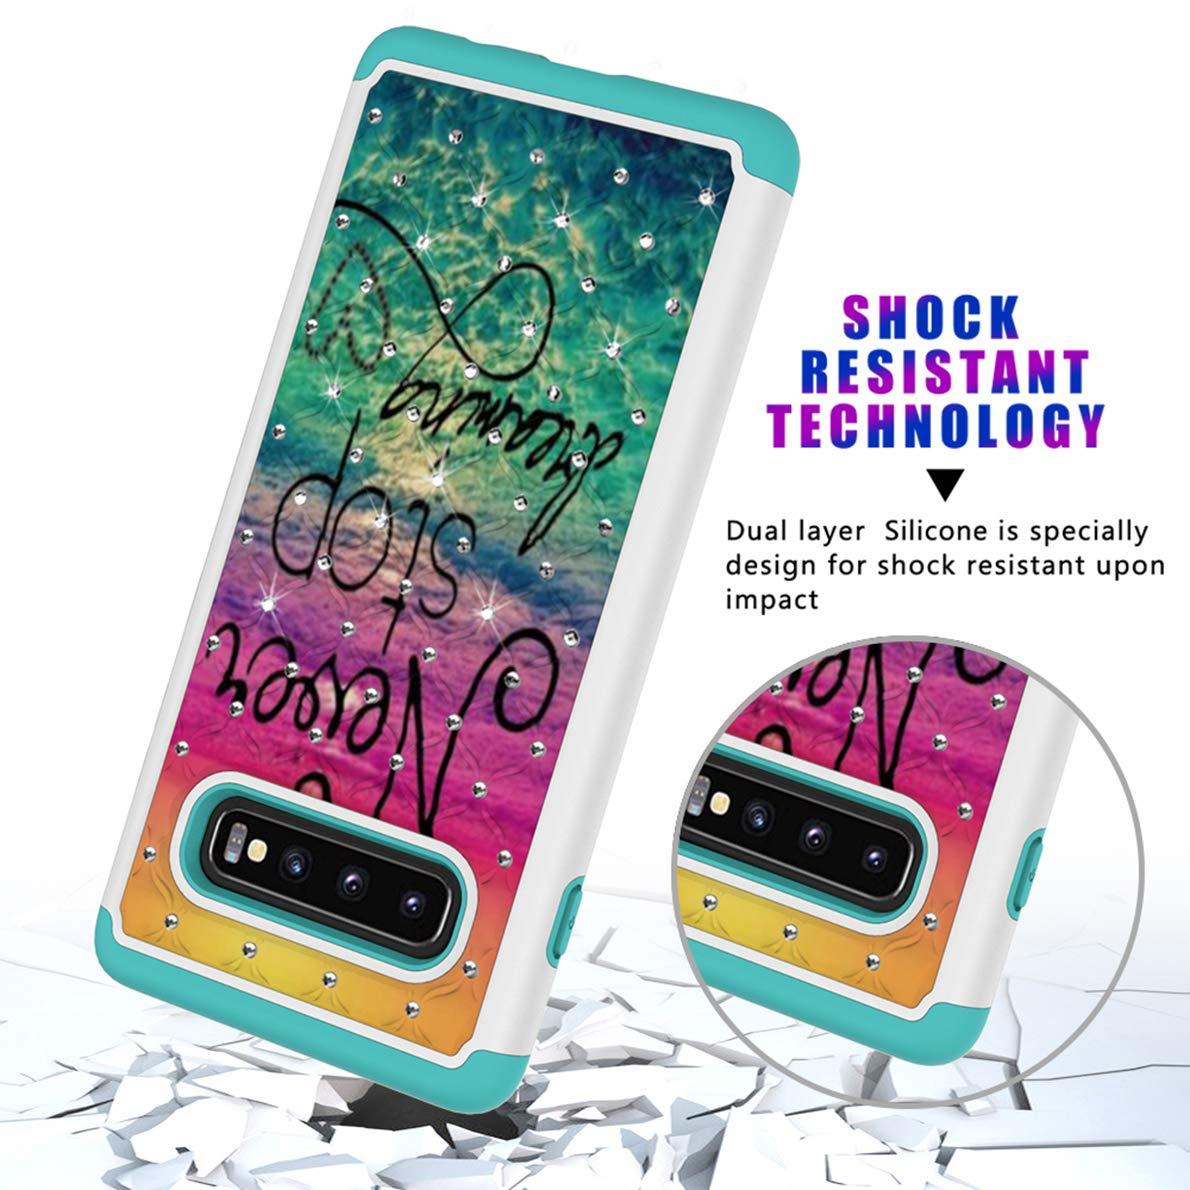 Plus Funda SHUYIT Samsung Galaxy S10 TPU cubierta protectora del Caso para Samsung Galaxy S10 Patr/ón de color C/áscara Case Cover Brillante Purpurina Slim Fit doble capa h/íbrido duro PC Plus